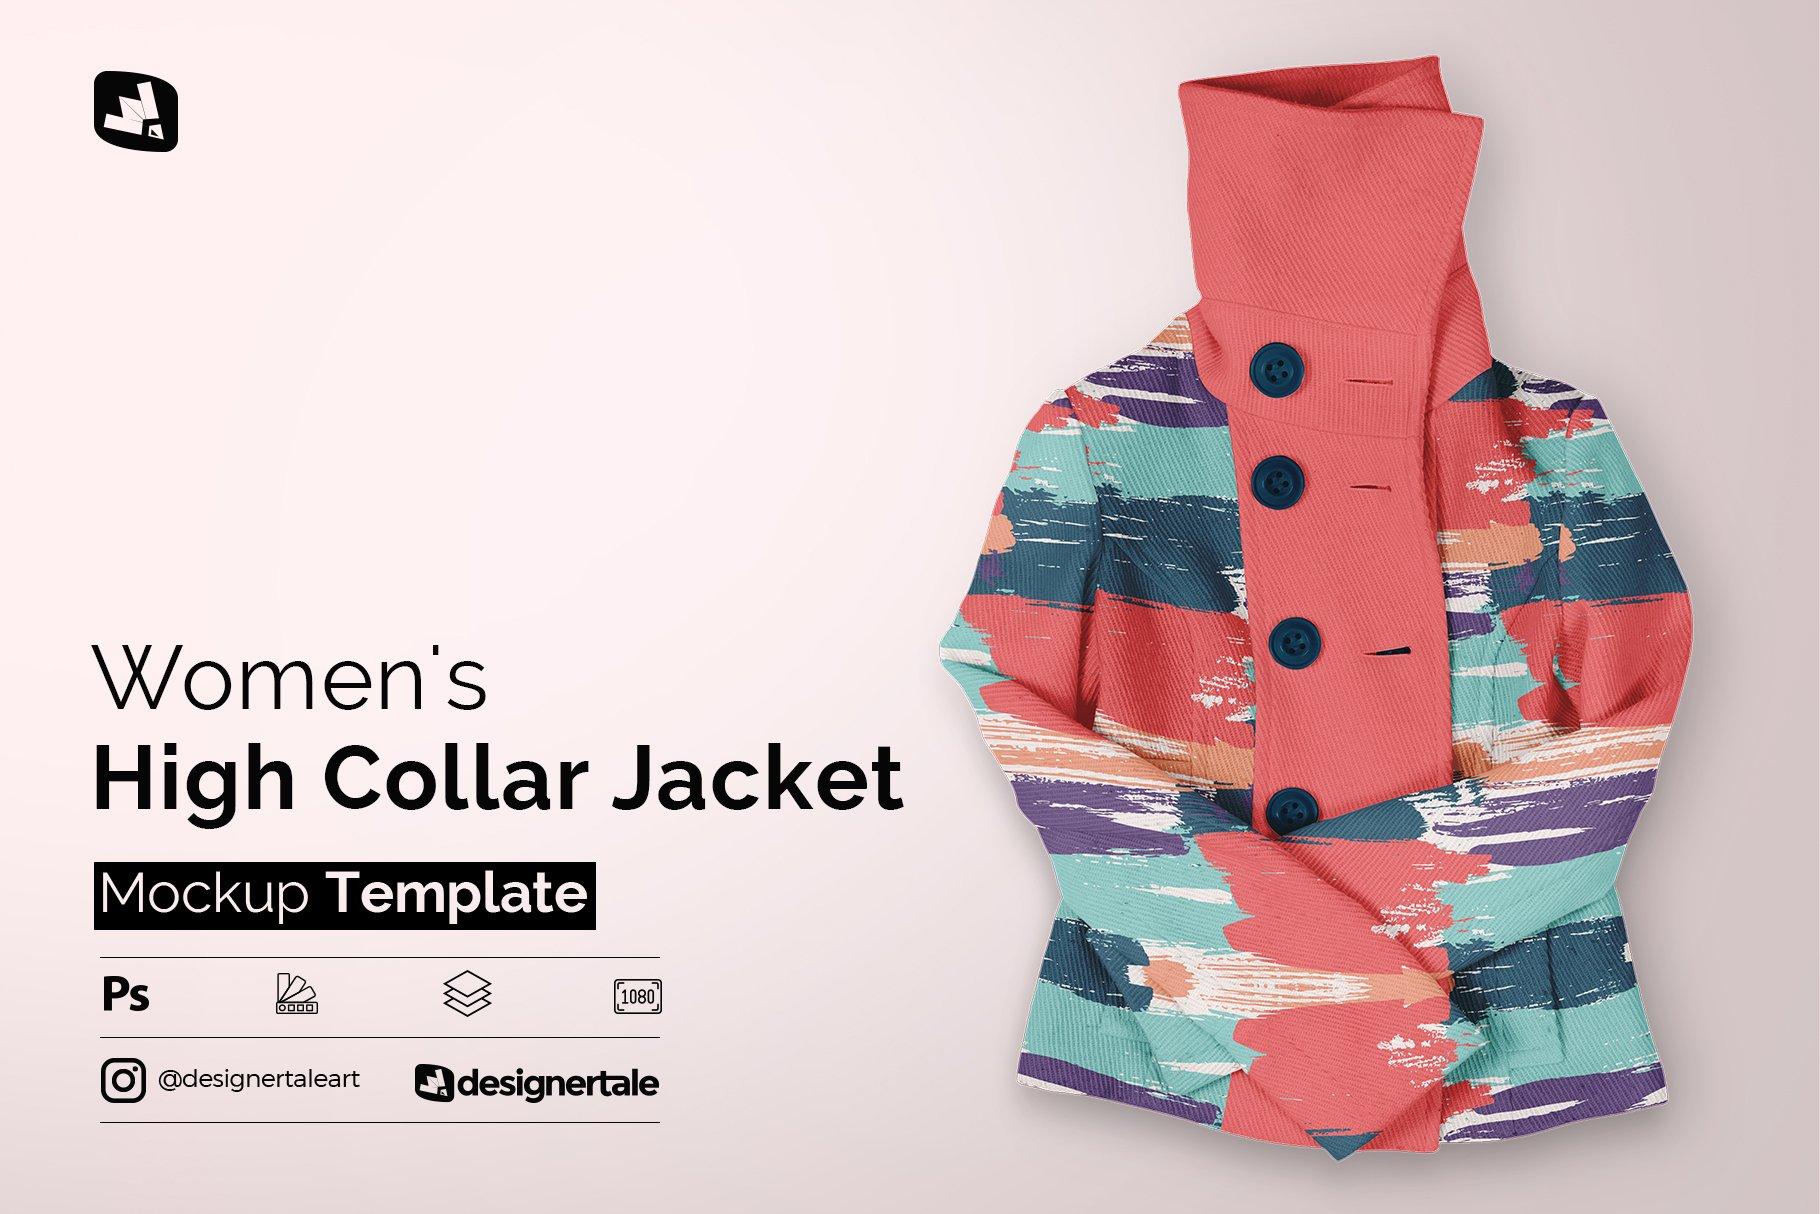 新潮女式冬季高领夹克印花图案设计PS贴图样机模板 Womens High Collar Jacket Mockup插图